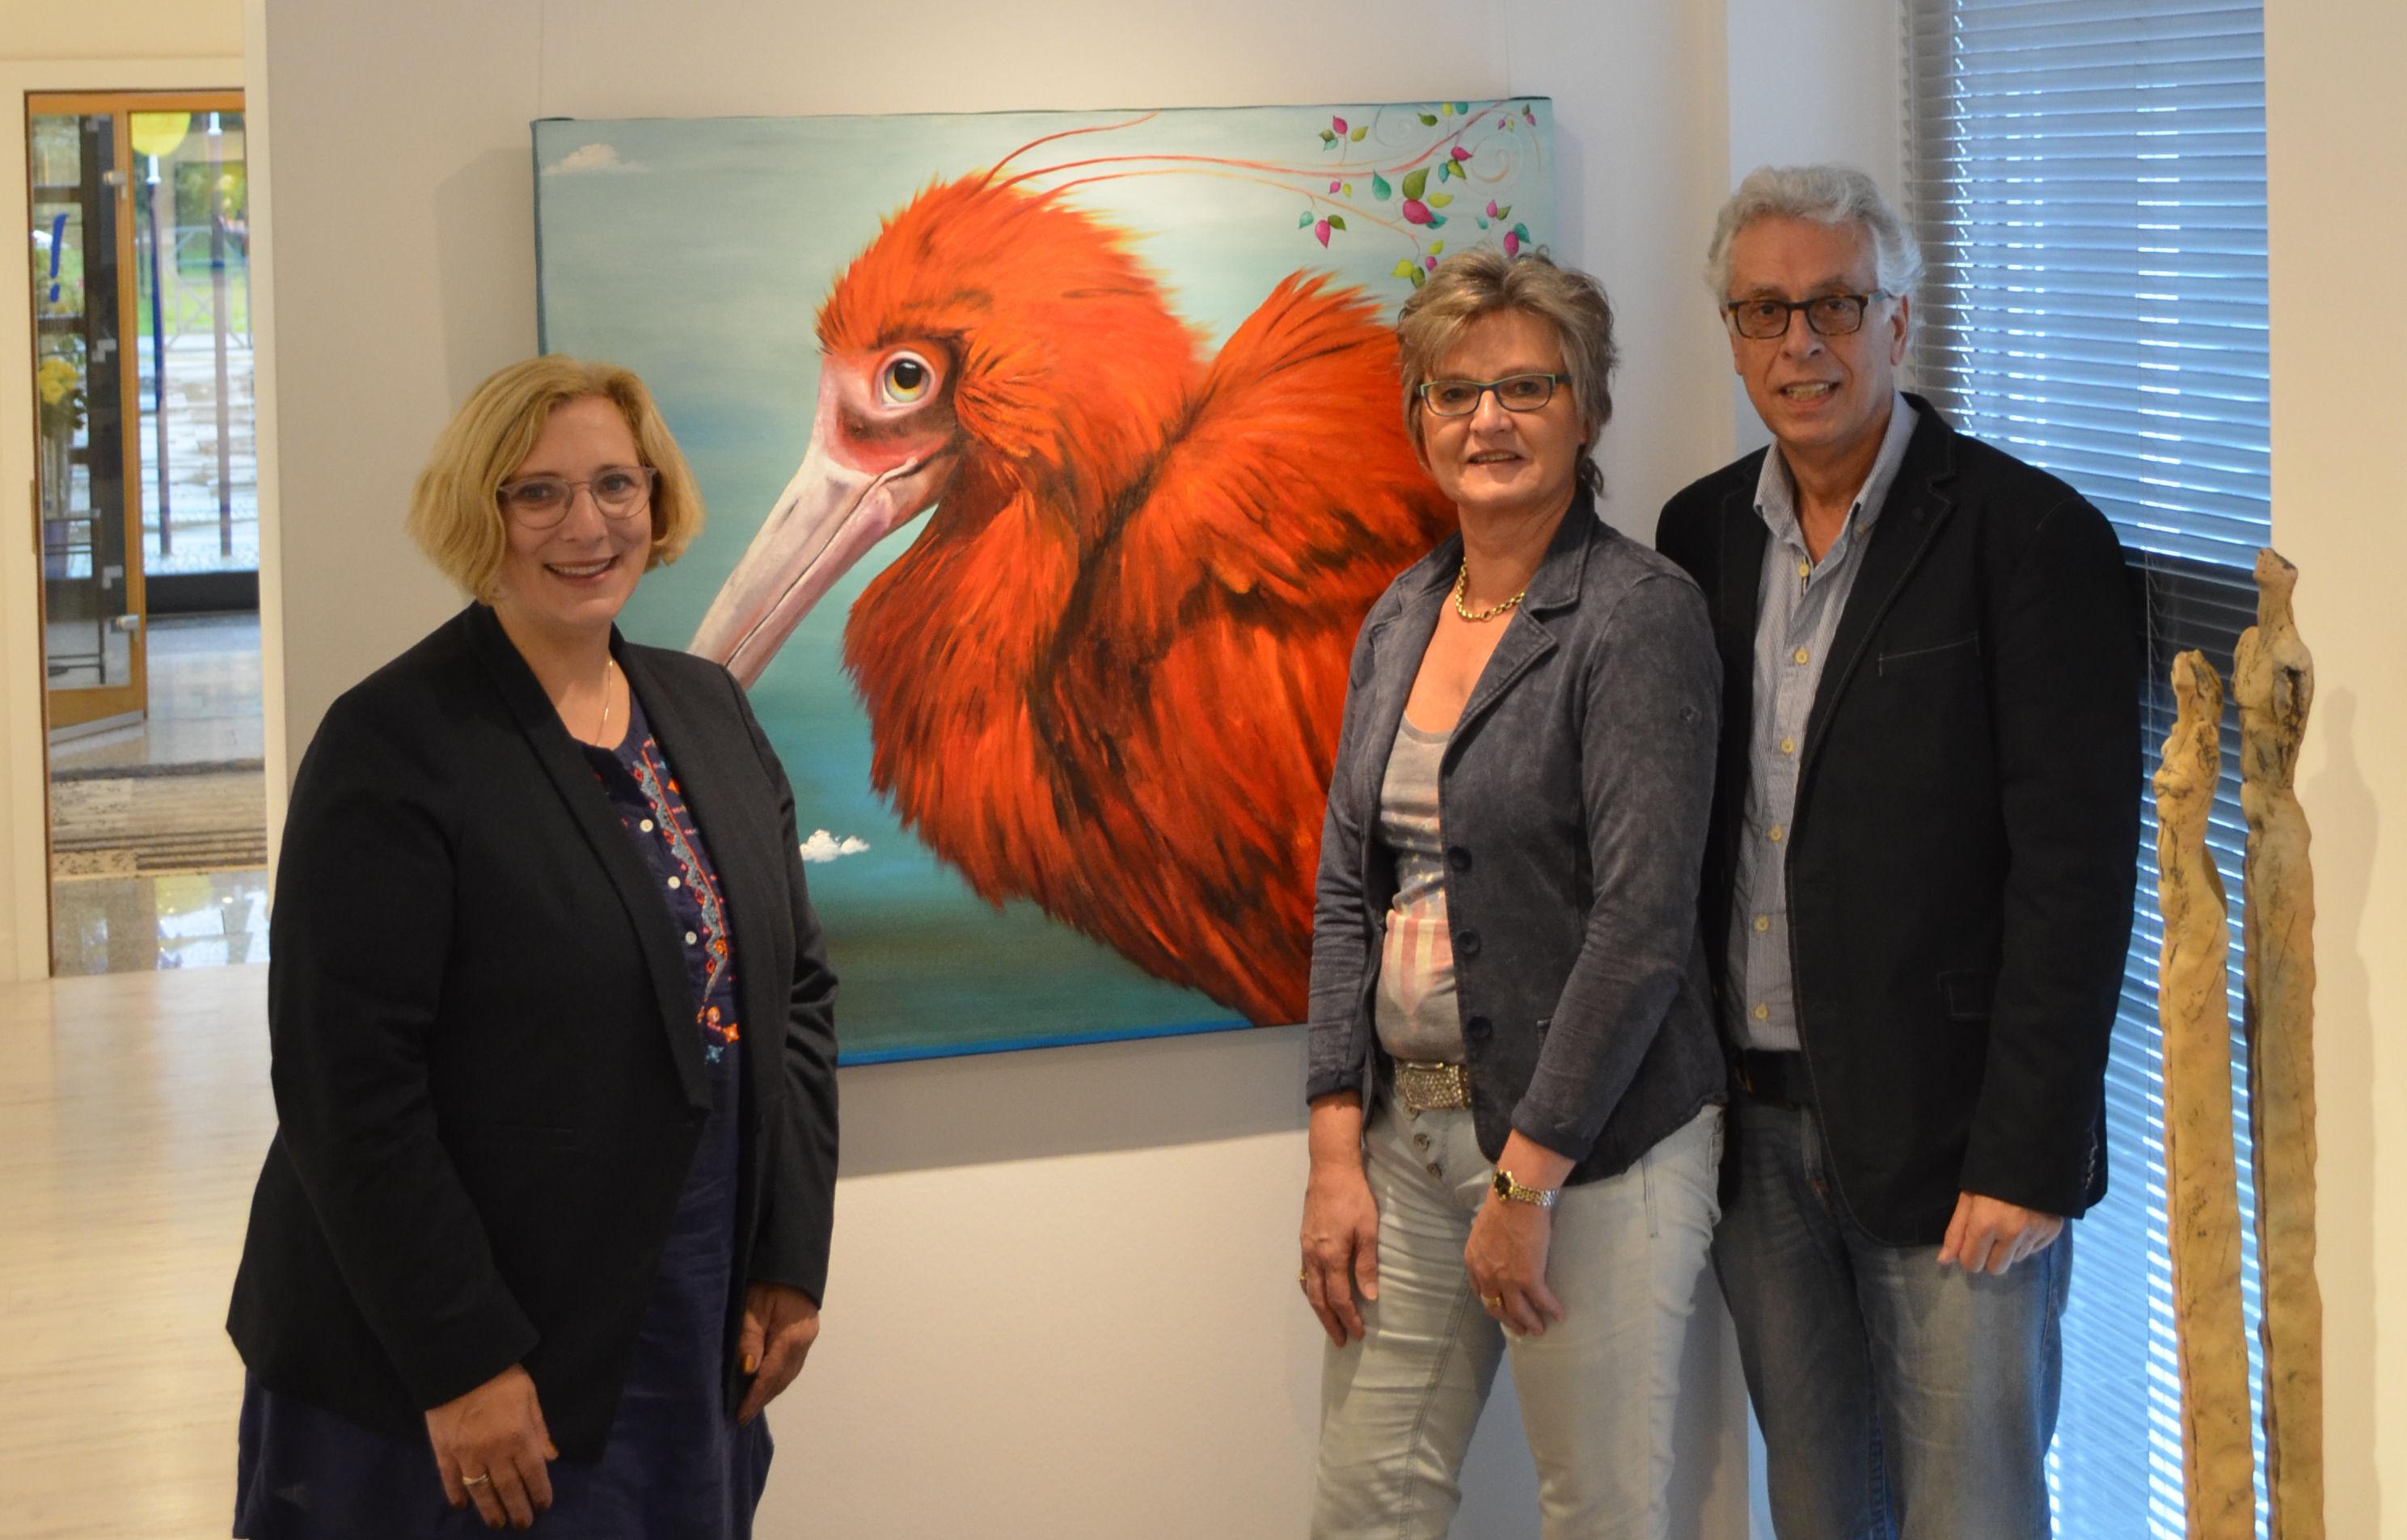 Dr. Daniela De Ridder, Hannelore de Hoogd und Peter de Hoogd (v.l.n.r.)